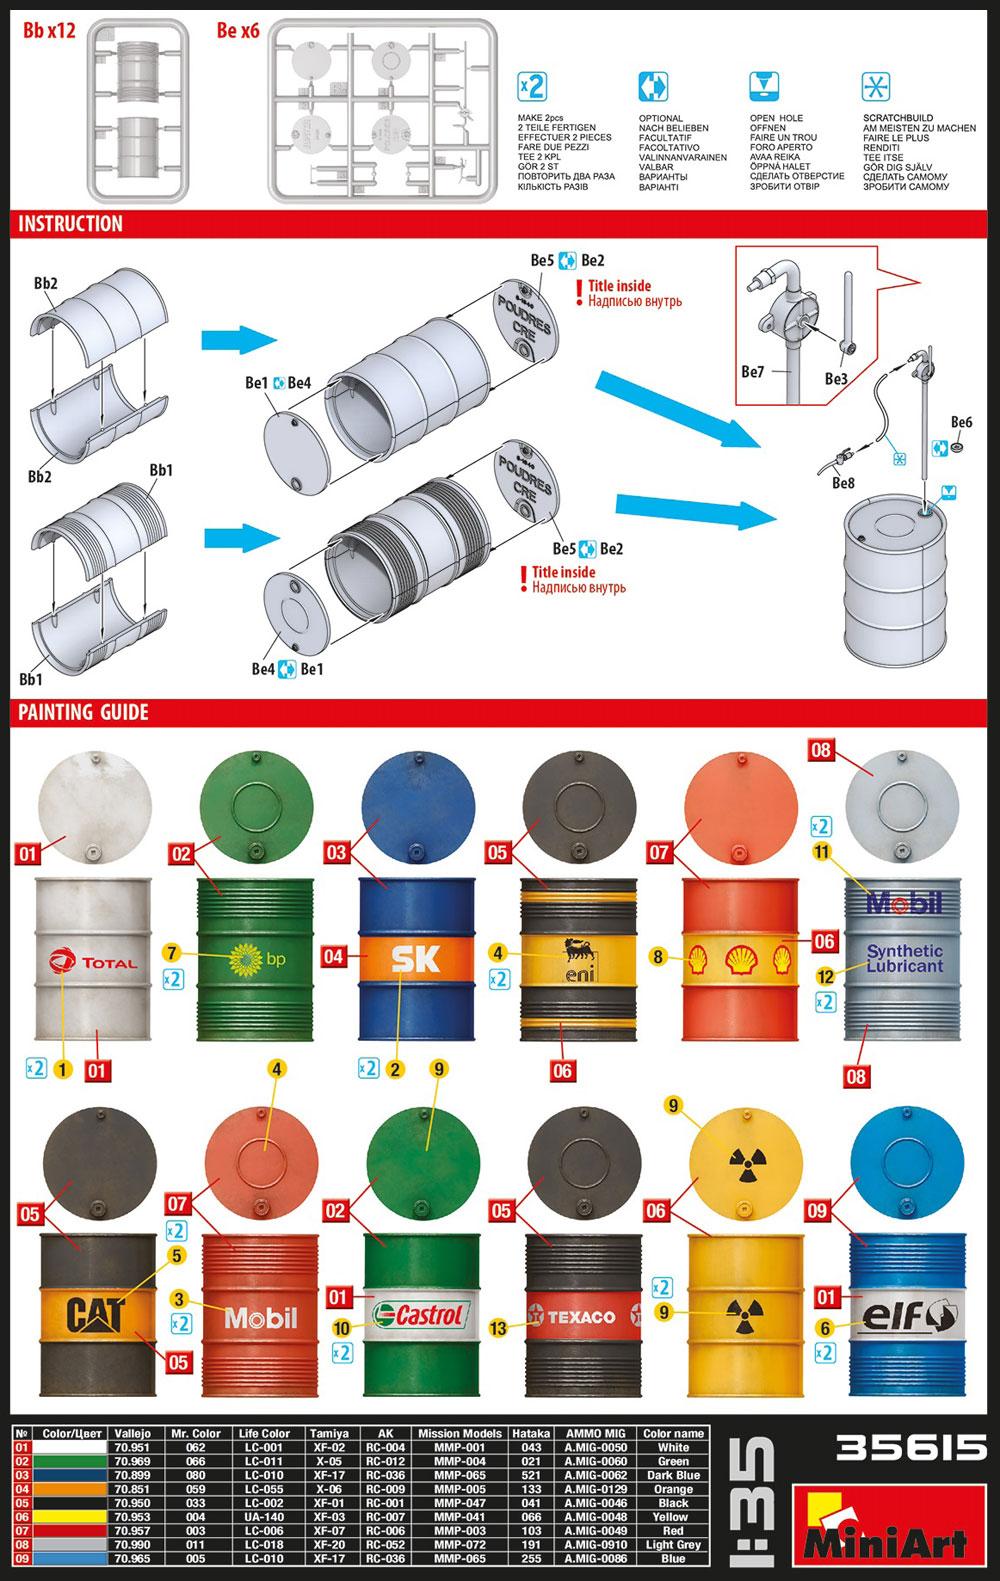 現代のオイルドラム缶 200Lプラモデル(ミニアート1/35 ビルディング&アクセサリー シリーズNo.35615)商品画像_1